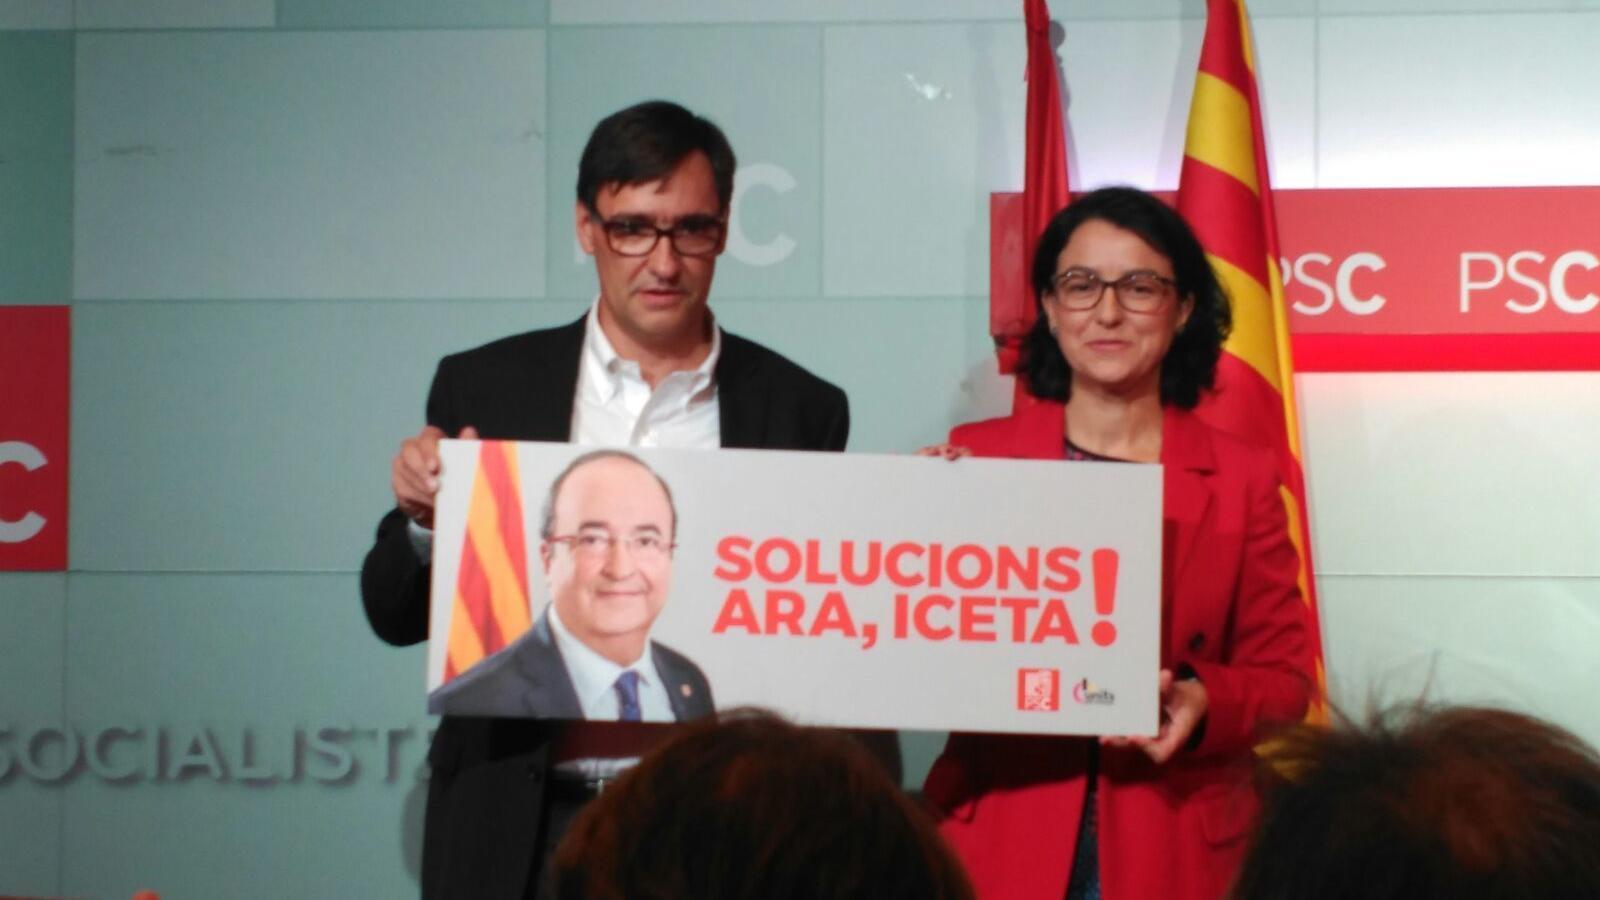 El director i la portaveu de la campanya del PSC pel 21-D, Salvador Illa i Eva Granados, aquest dilluns presentant l'eslògan de campanya del partit